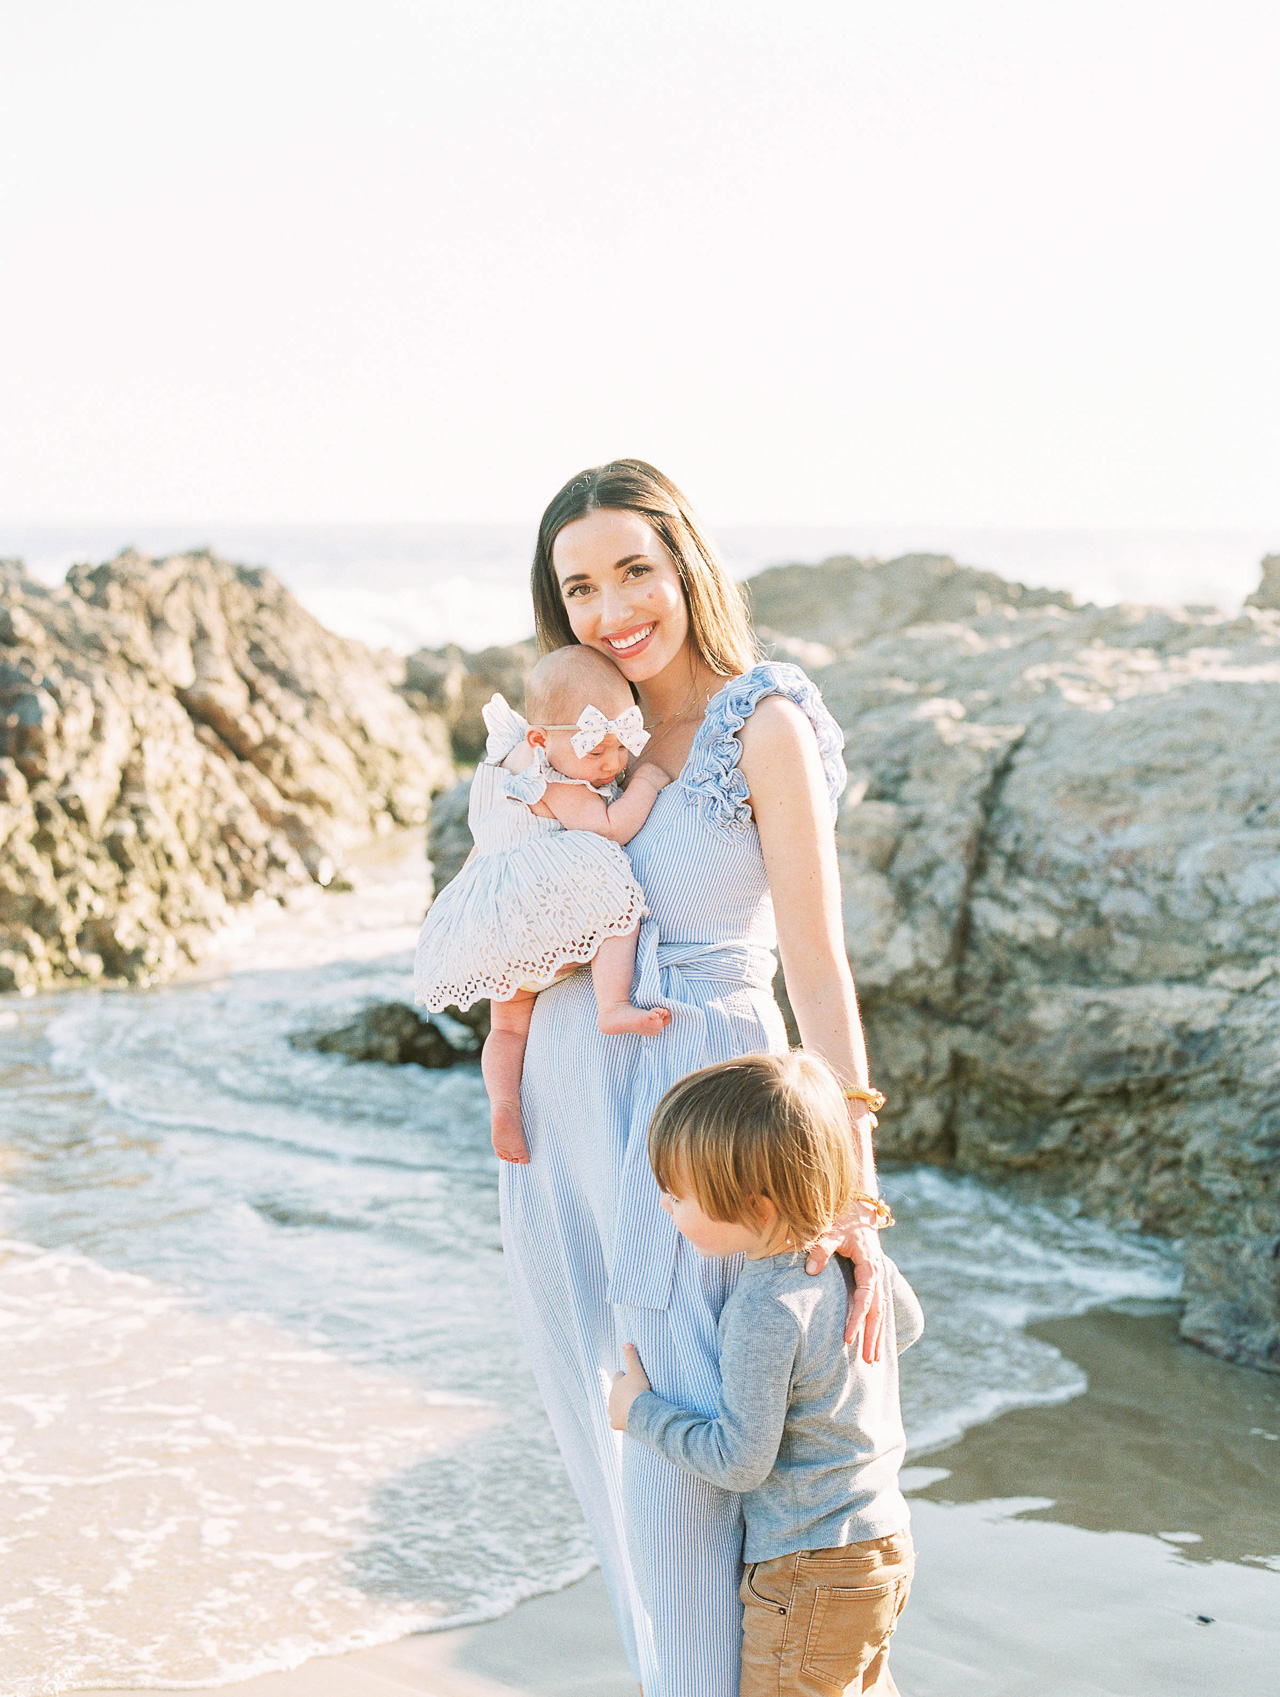 A newborn photo shoot at the beach! - M Loves M